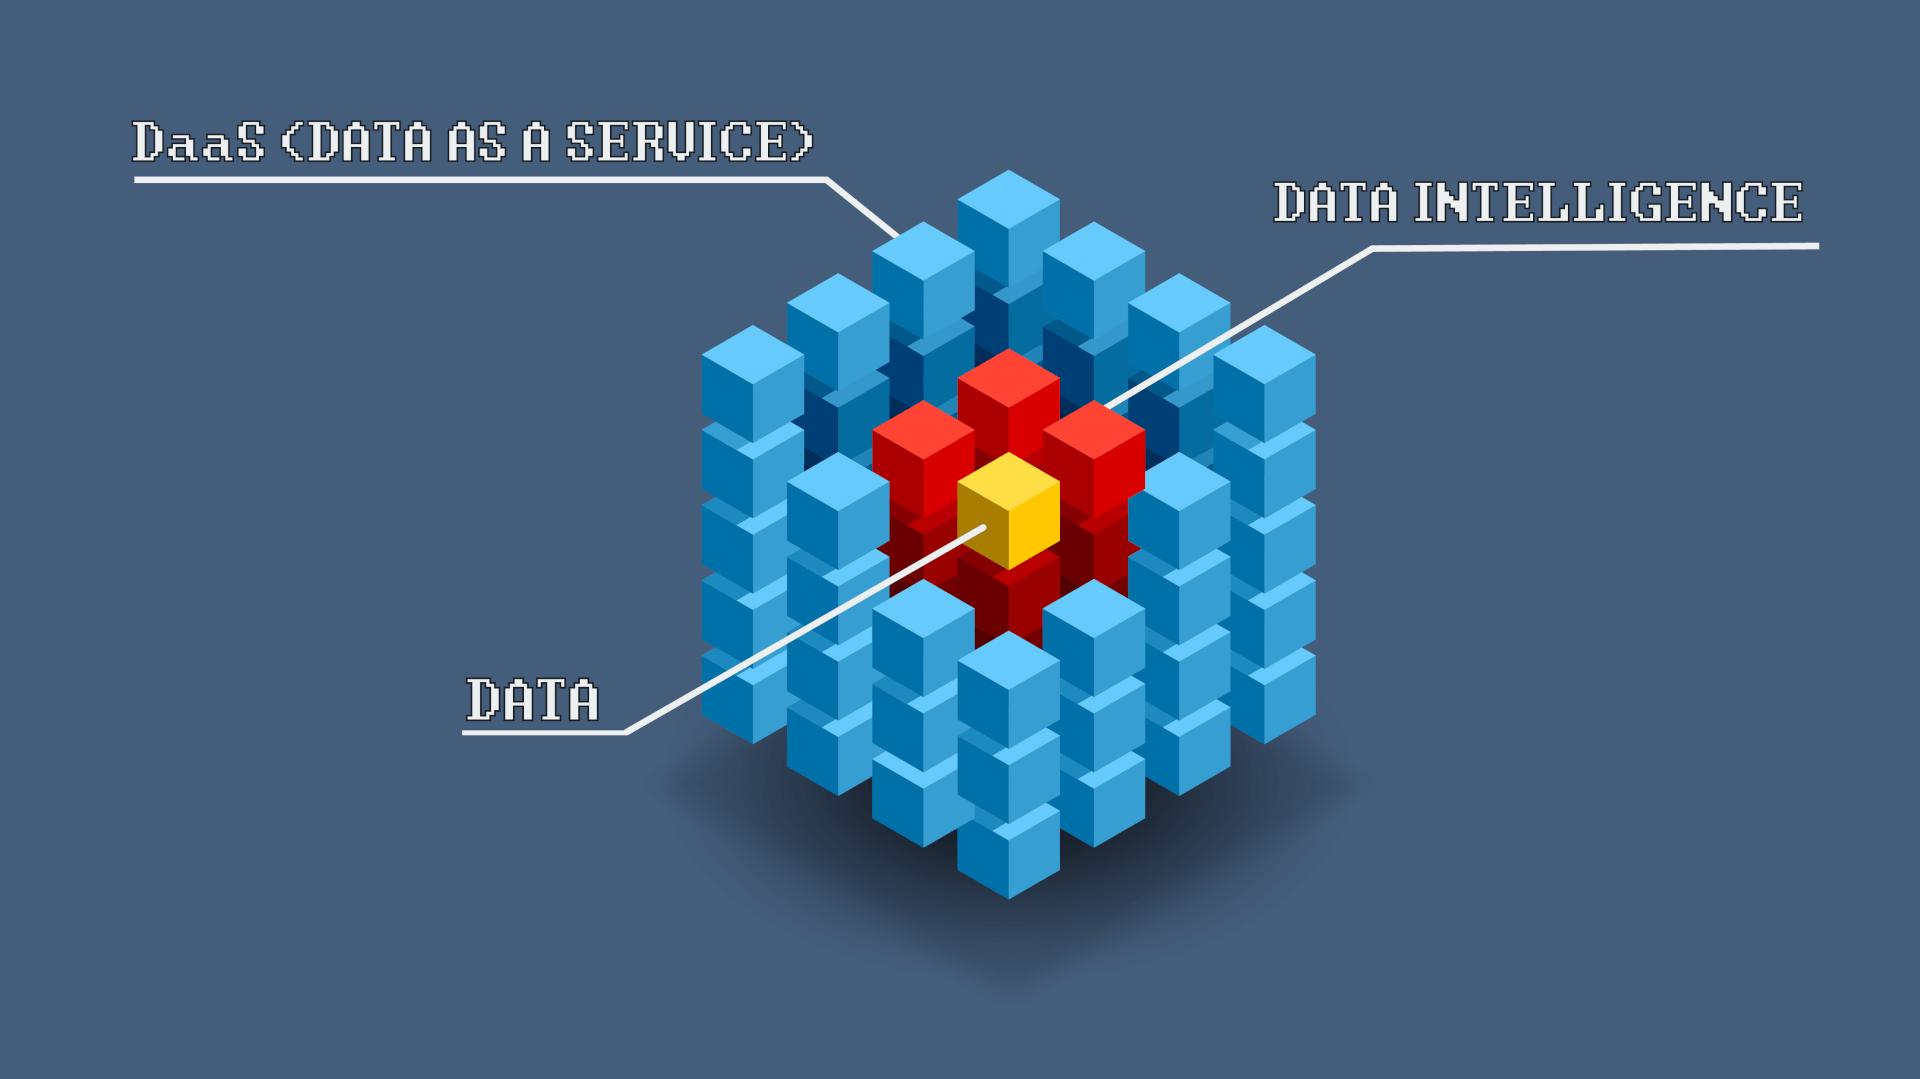 Data-Centric / Data-Driven